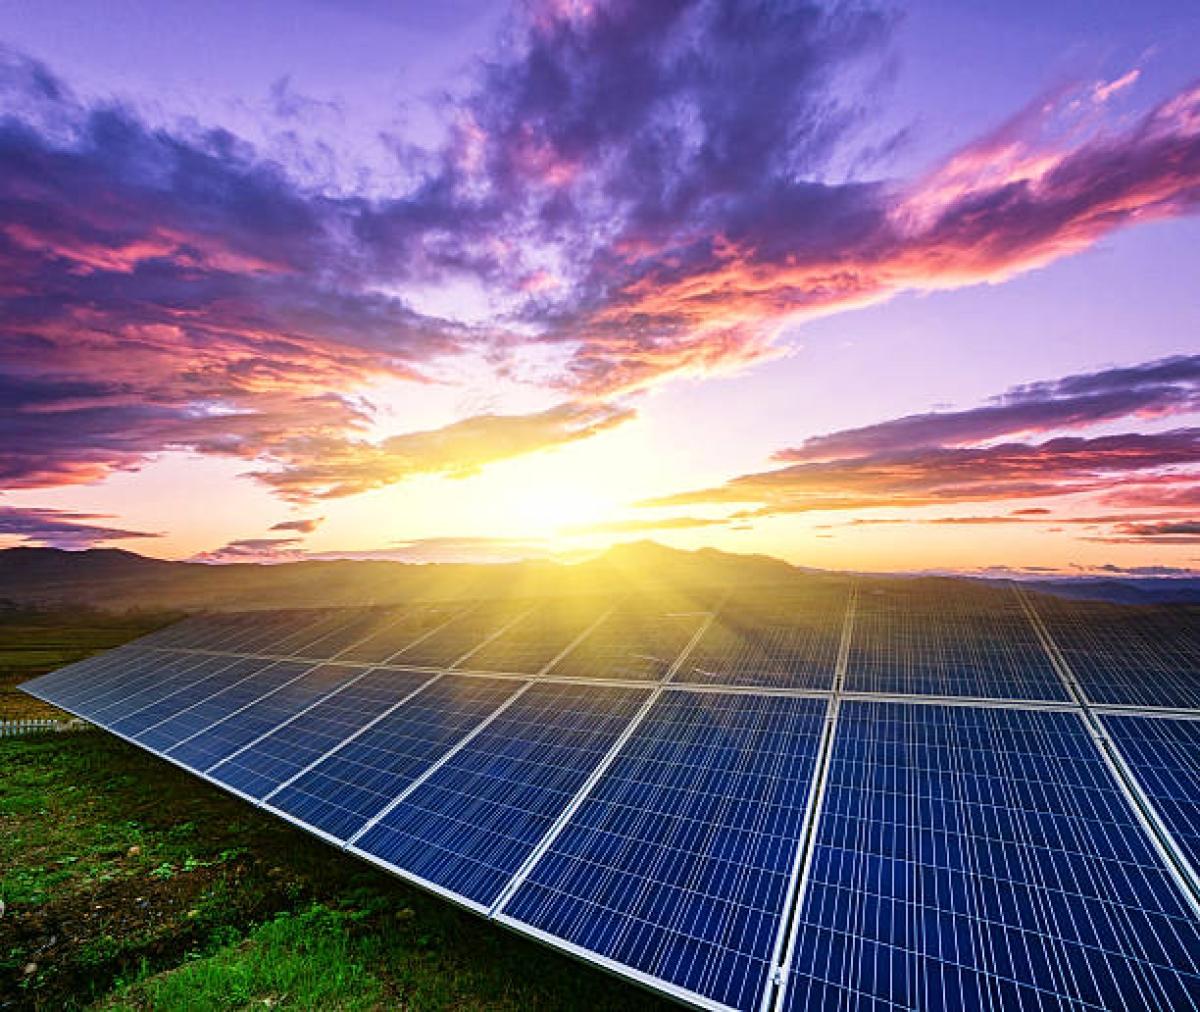 Solar To Power India's Renewable Energy